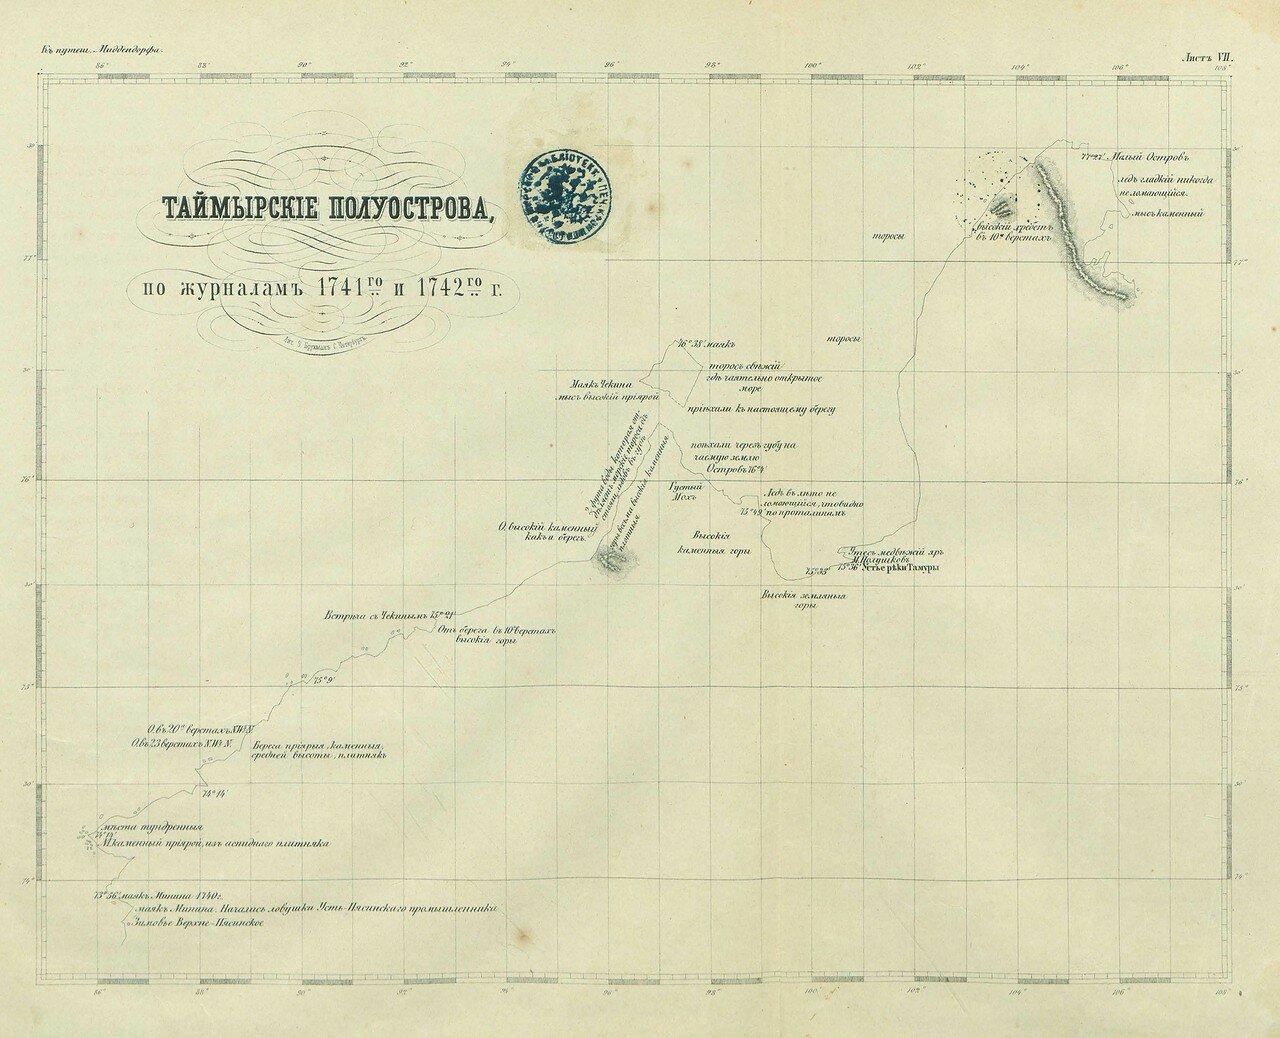 03. Таймырские полуострова (по материалам 1741-42 гг)